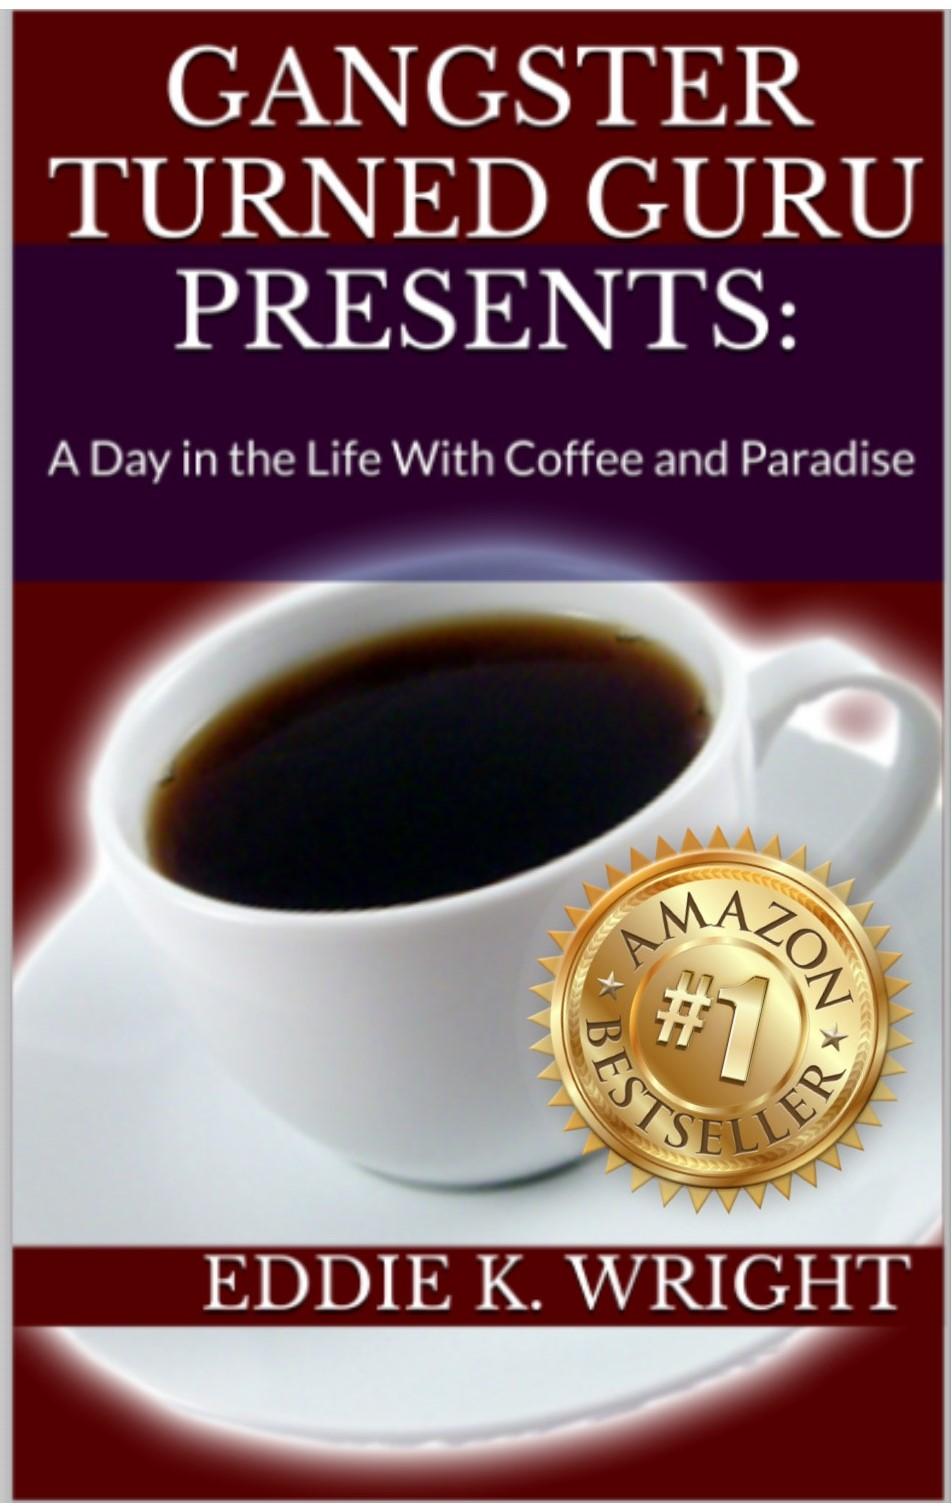 #1 Best Seller Cover